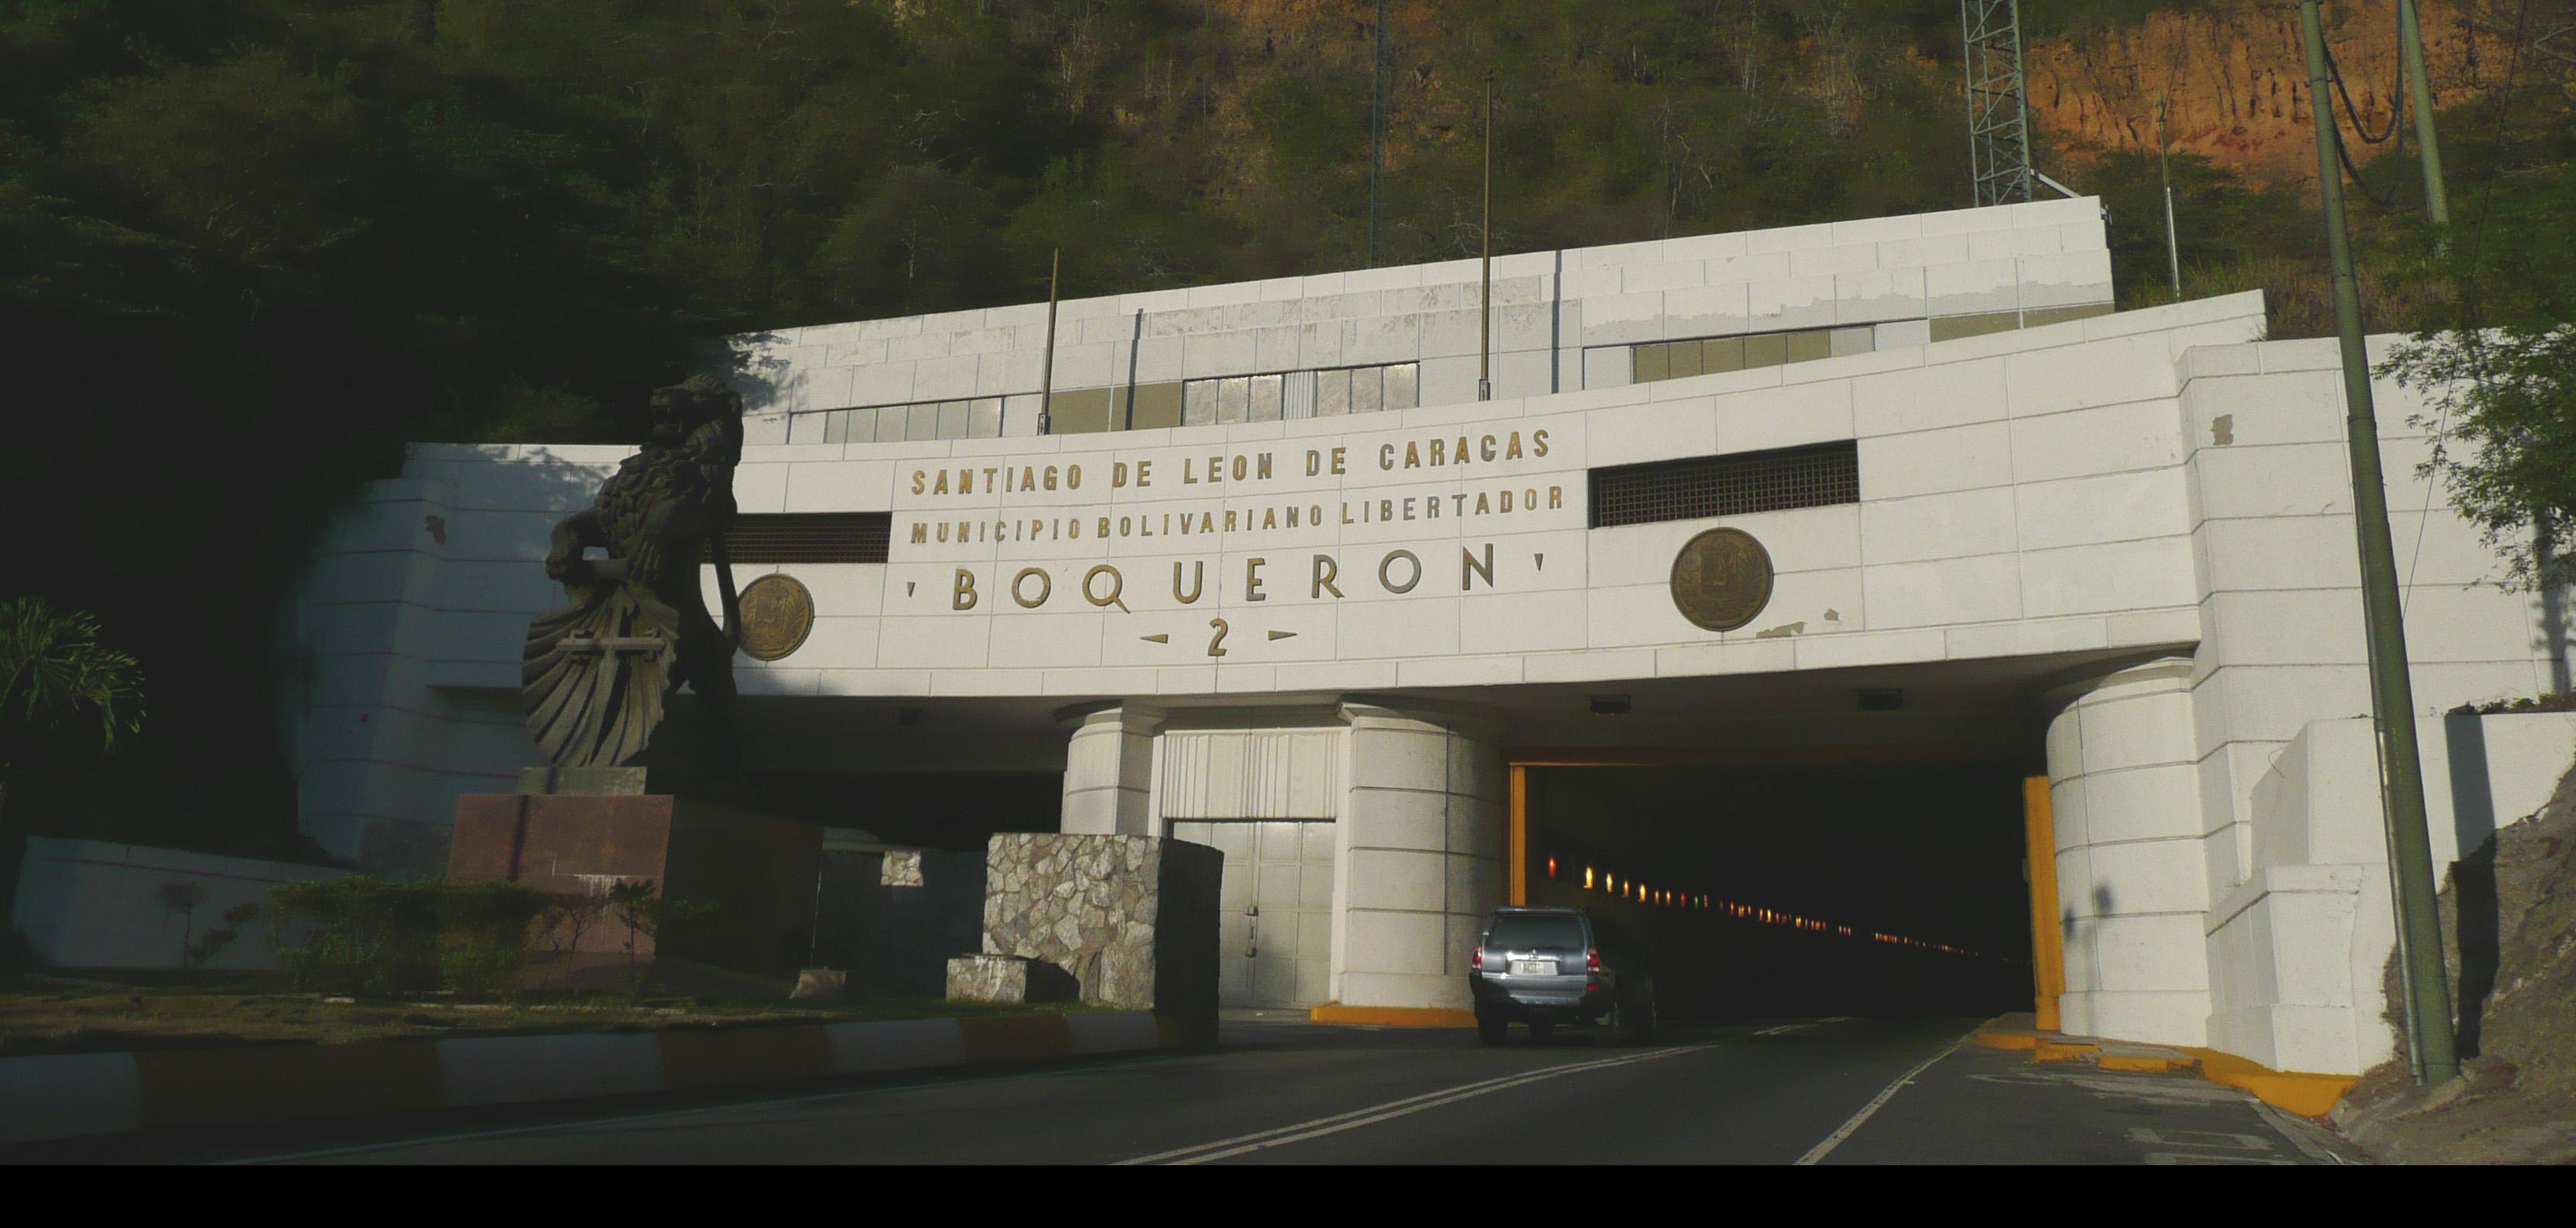 """La colisión ocurrió en el túnel """"Boquerón 2"""" y los involucrados fueron un carro particular marca Aveo y un camión que transportaba agua"""